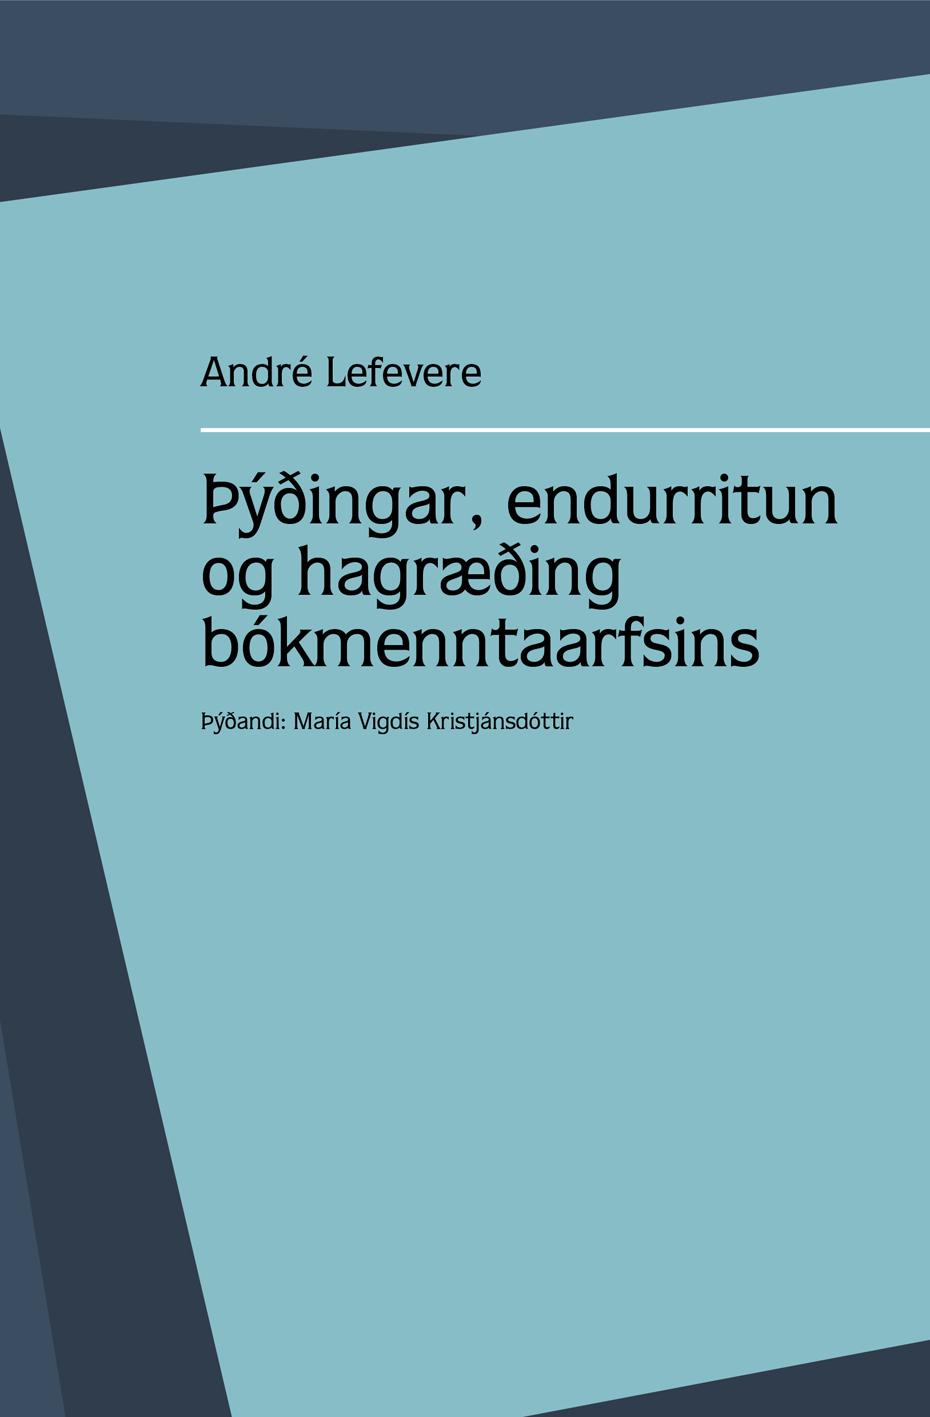 Þýðingar, endurritun og hagræðing bókmenntaarfsins